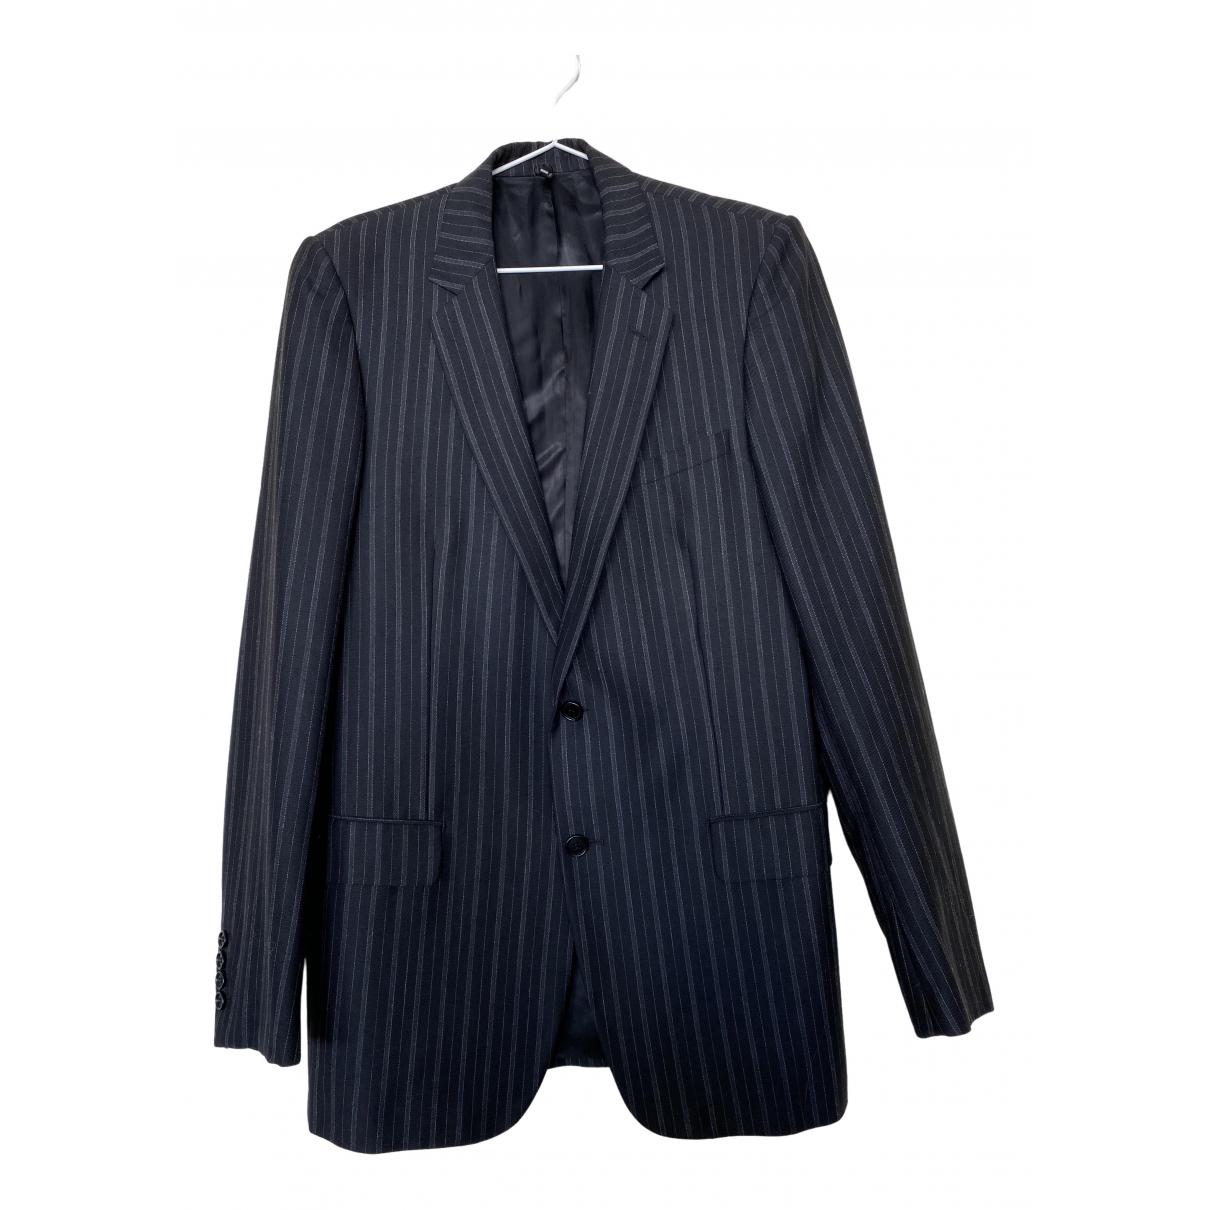 Dior Homme - Vestes.Blousons   pour homme en laine - bleu